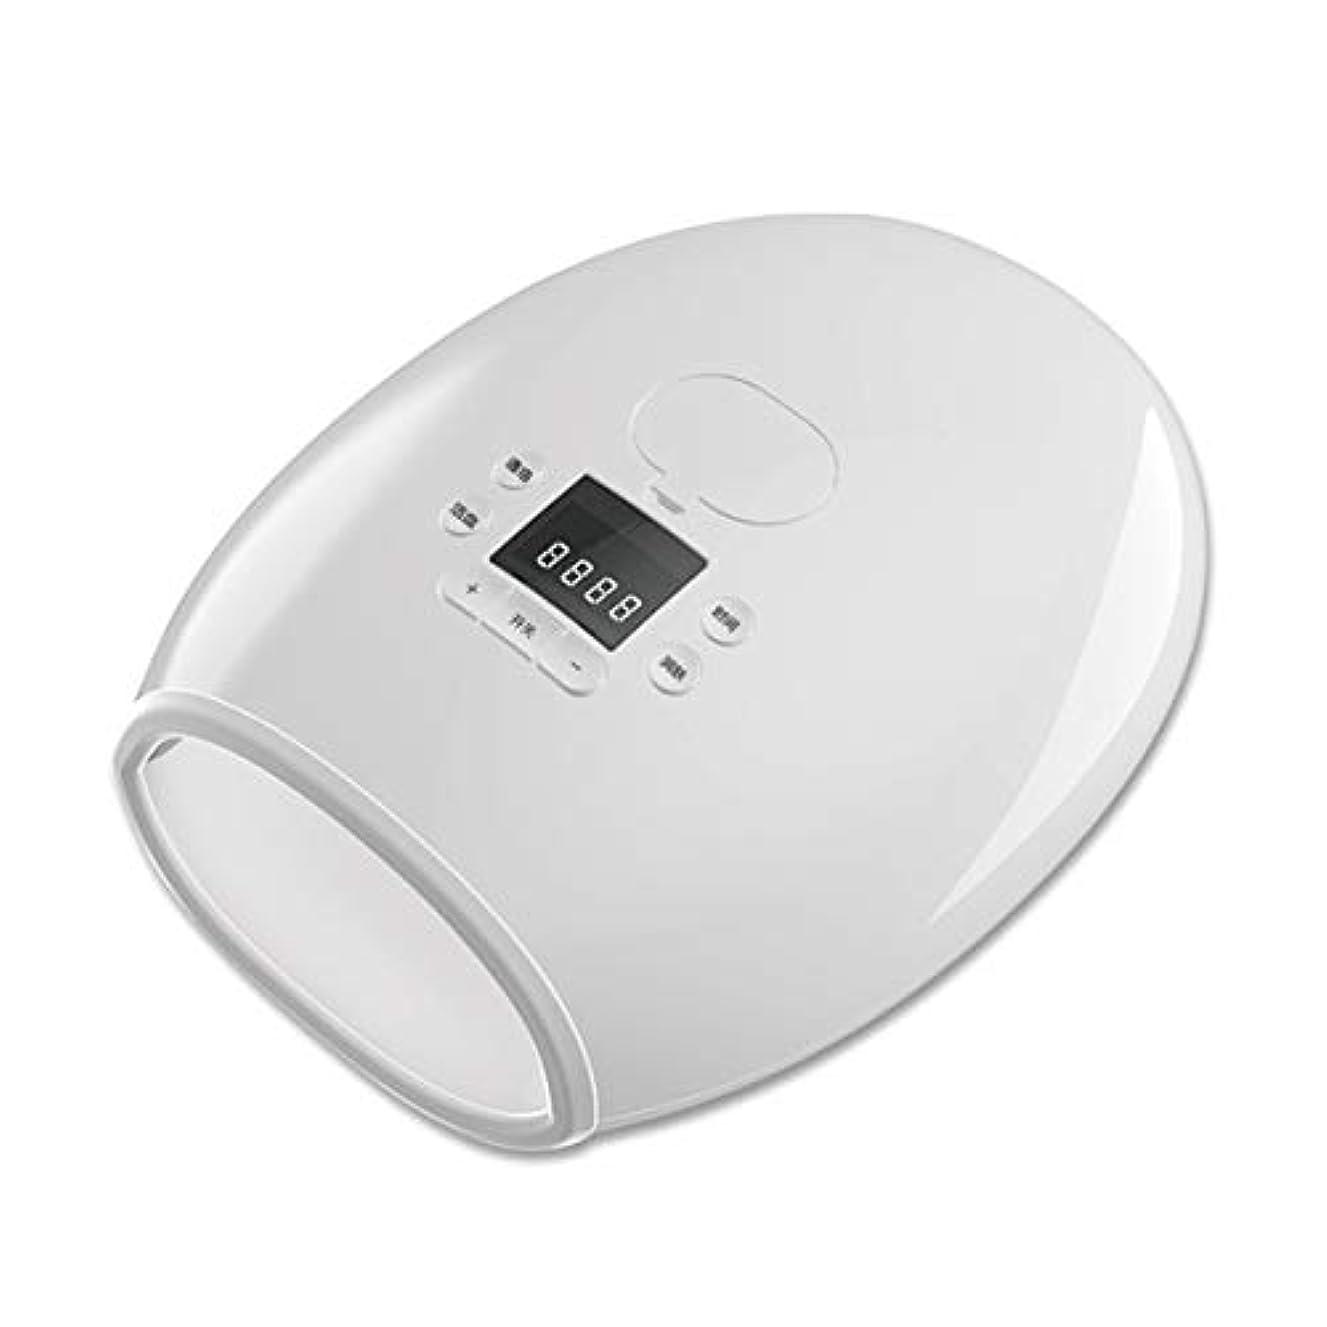 限り性格前にIntercorey Massage Beauty Tool Hand Warm Hand Hydrating Care Palm Massager Hand Electric Heating Massage Instrument